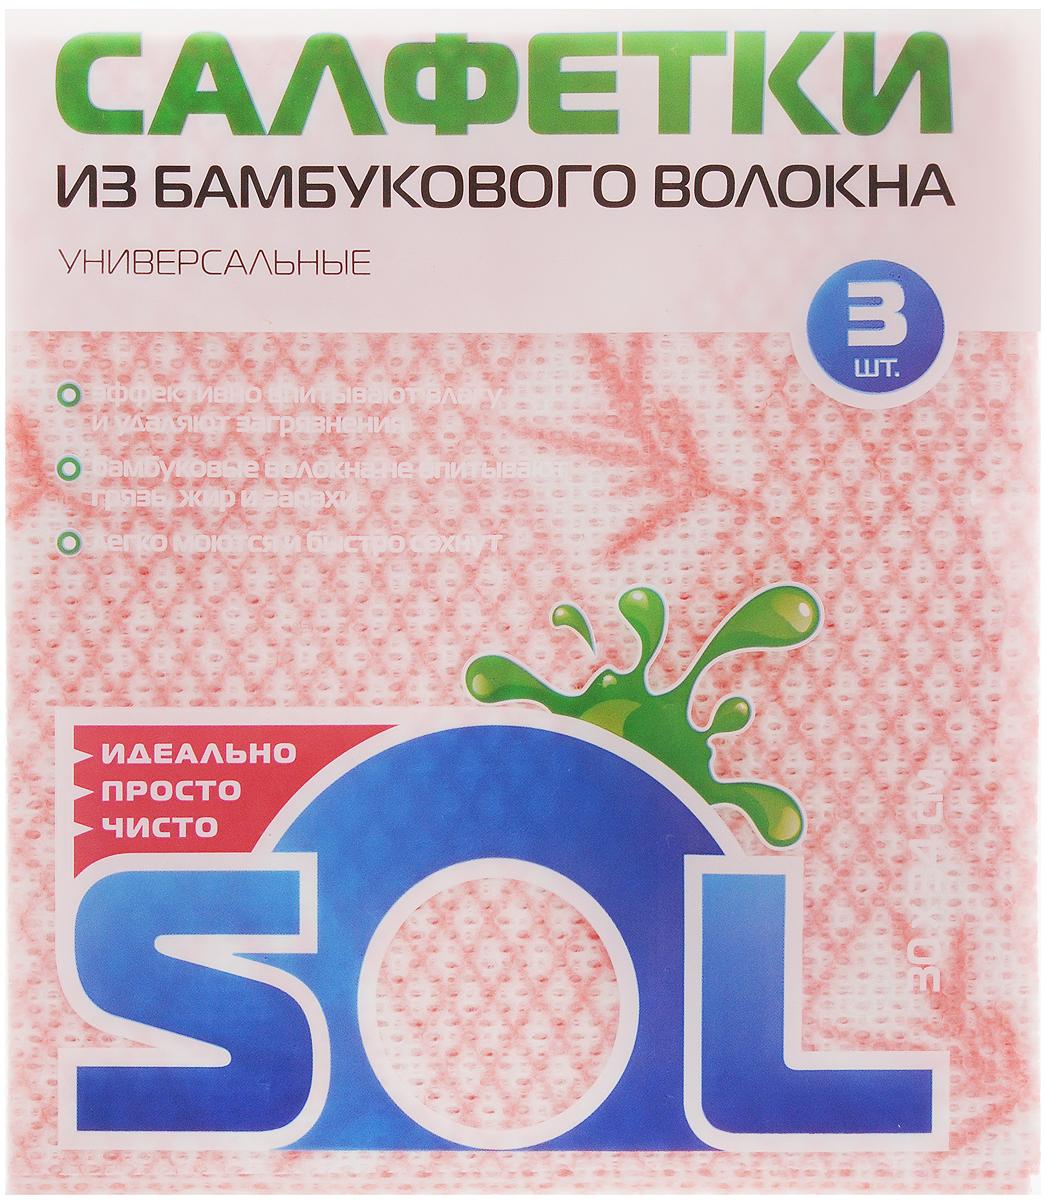 Салфетка для уборки Sol, из бамбукового волокна, цвет: розовый, зеленый, 30 x 34 см, 3 шт10001/70007_розовый, зеленыйСалфетки Sol, выполненные из бамбукового волокна, вискозы и полиэстера, предназначены для уборки. Бамбуковое волокно - экологичный и безопасный для здоровья человека материал, не содержащий в своем составе никаких химических добавок, синтетических материалов и примесей. Благодаря трубчатой структуре волокон, жир и грязь не впитываются в ткань, легко вымываются под струей водой. Рекомендации по уходу: Бамбуковые салфетки не требуют особого ухода. После каждого использования их рекомендуется промыть под струей воды и просушить. Не рекомендуется сушить салфетки на батарее. Размер салфетки: 30 х 34 см.